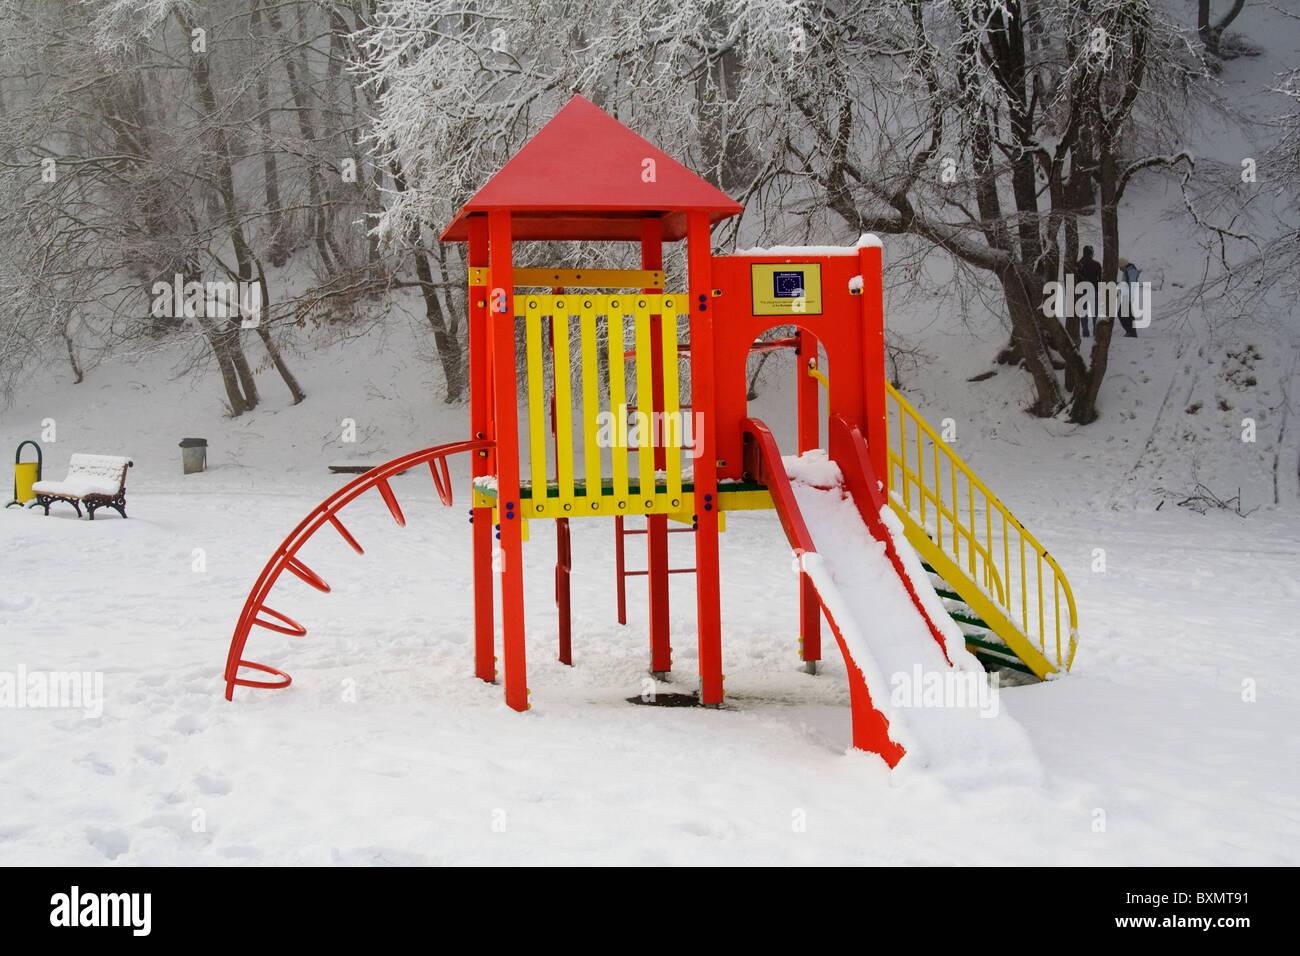 Klettergerüst Englisch : Klettergerüst und folien auf einem kinderspielplatz verschneite